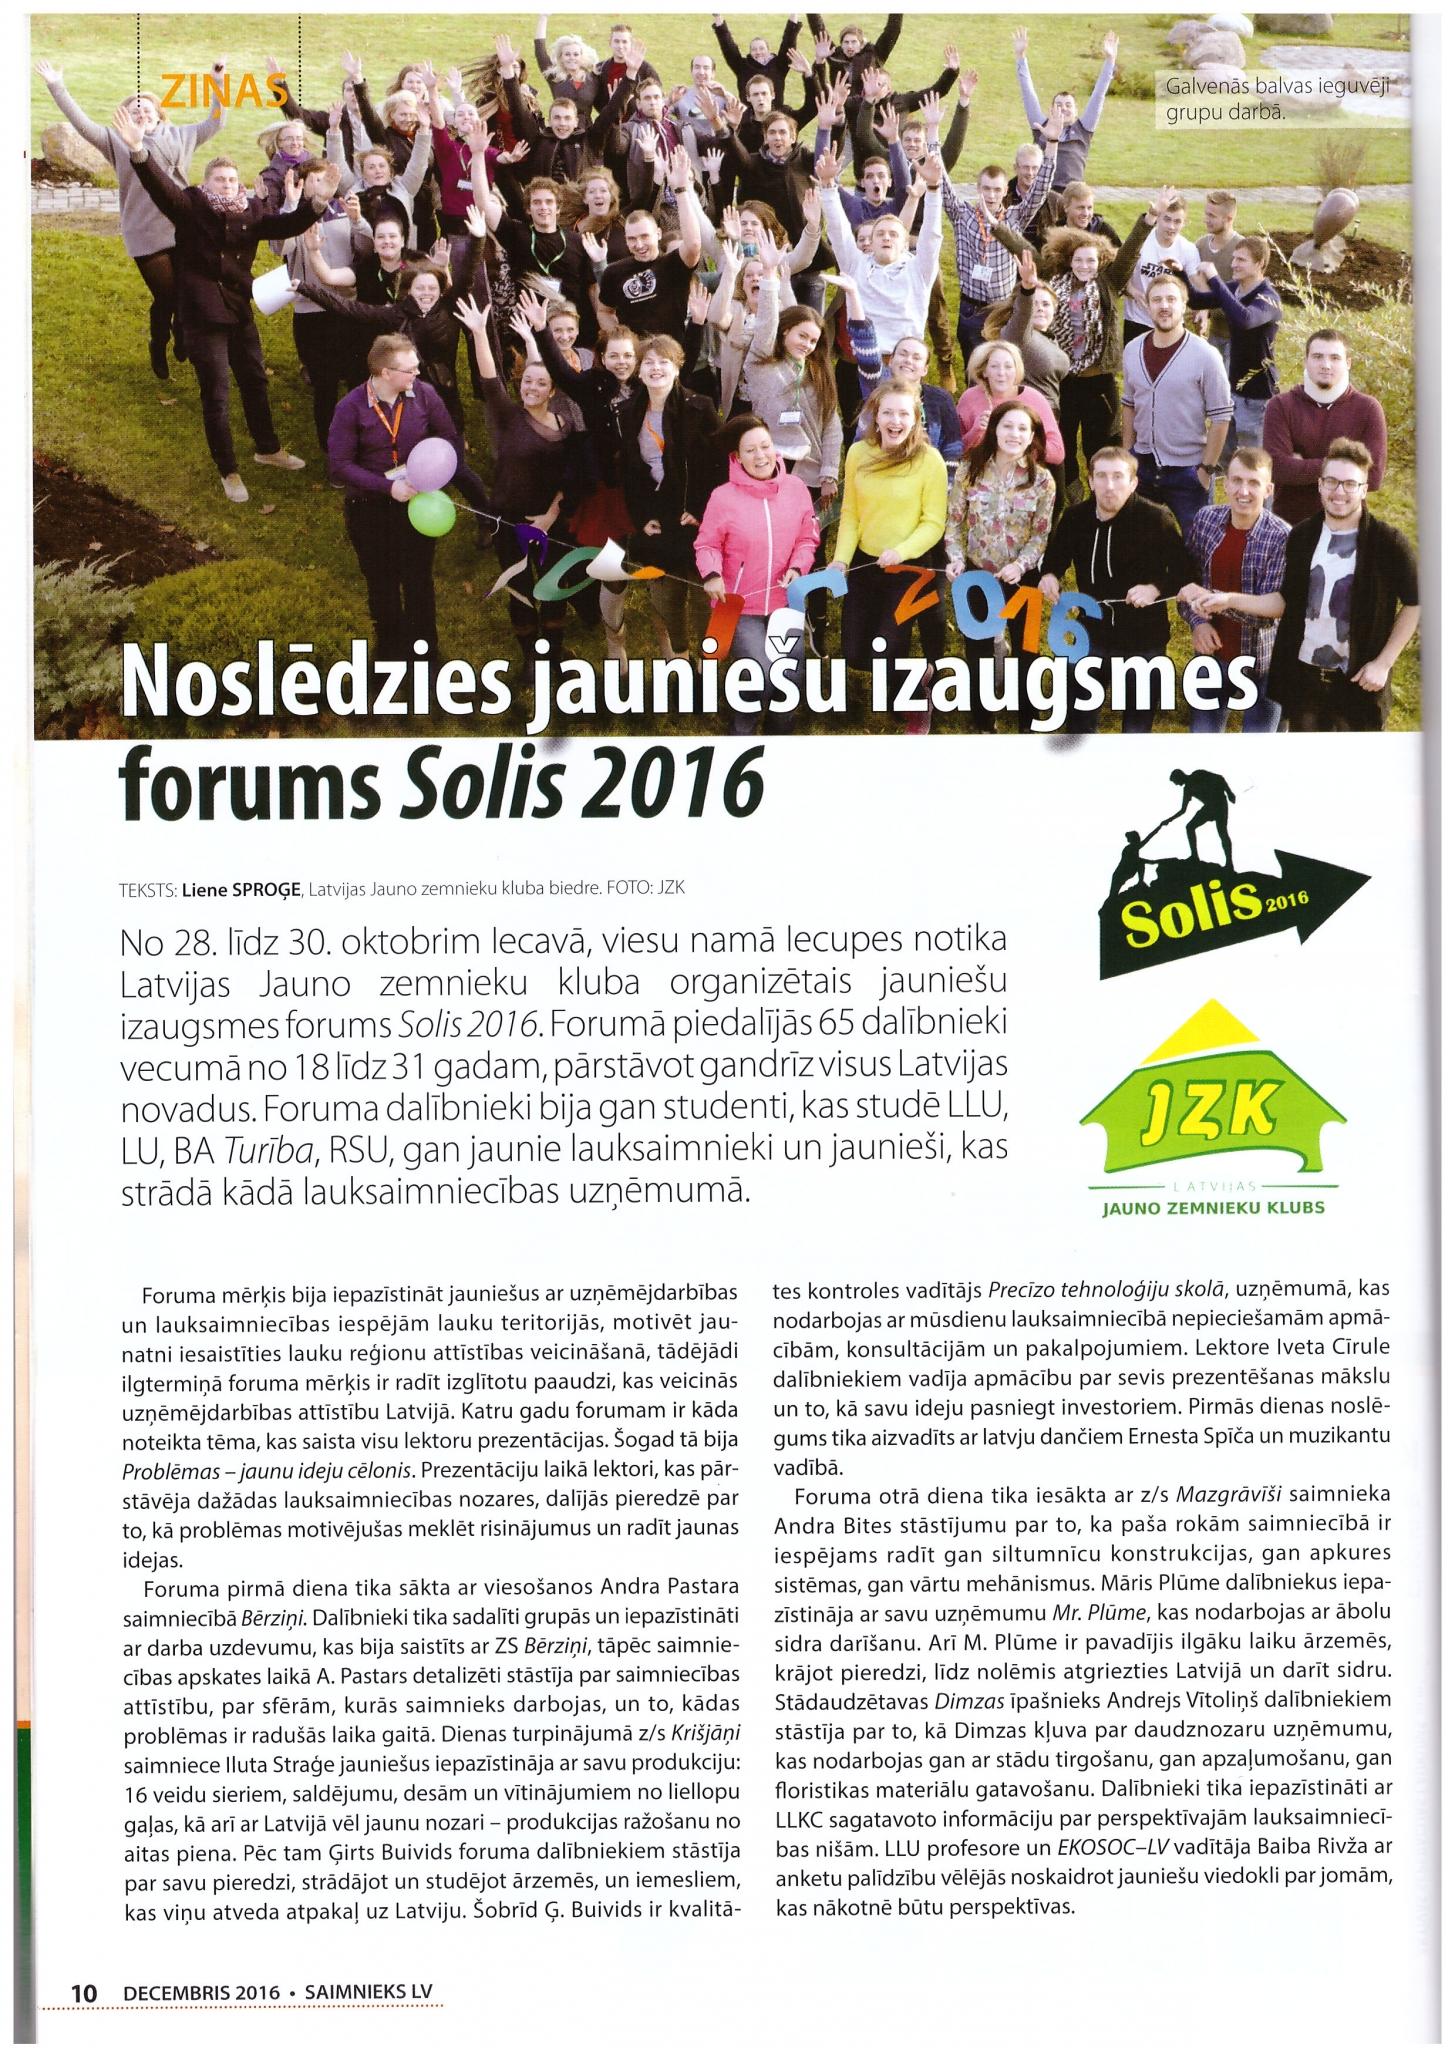 Raksts par foruma Solis 2016 noslēgšanos